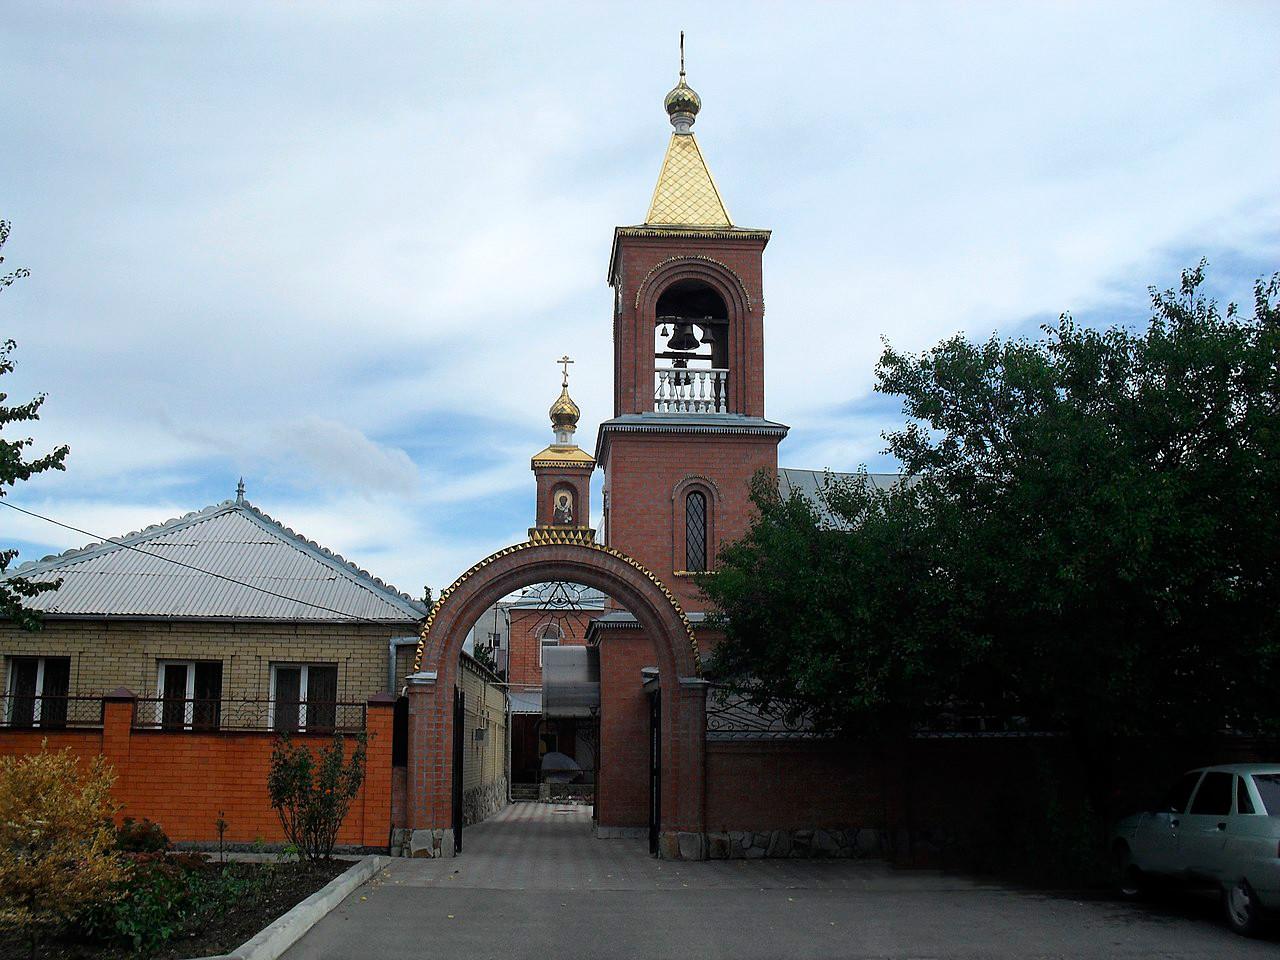 Chiesa di San Nicola di Bari nella città di Mineralnye Vody, nel Caucaso, costruita nel 1950